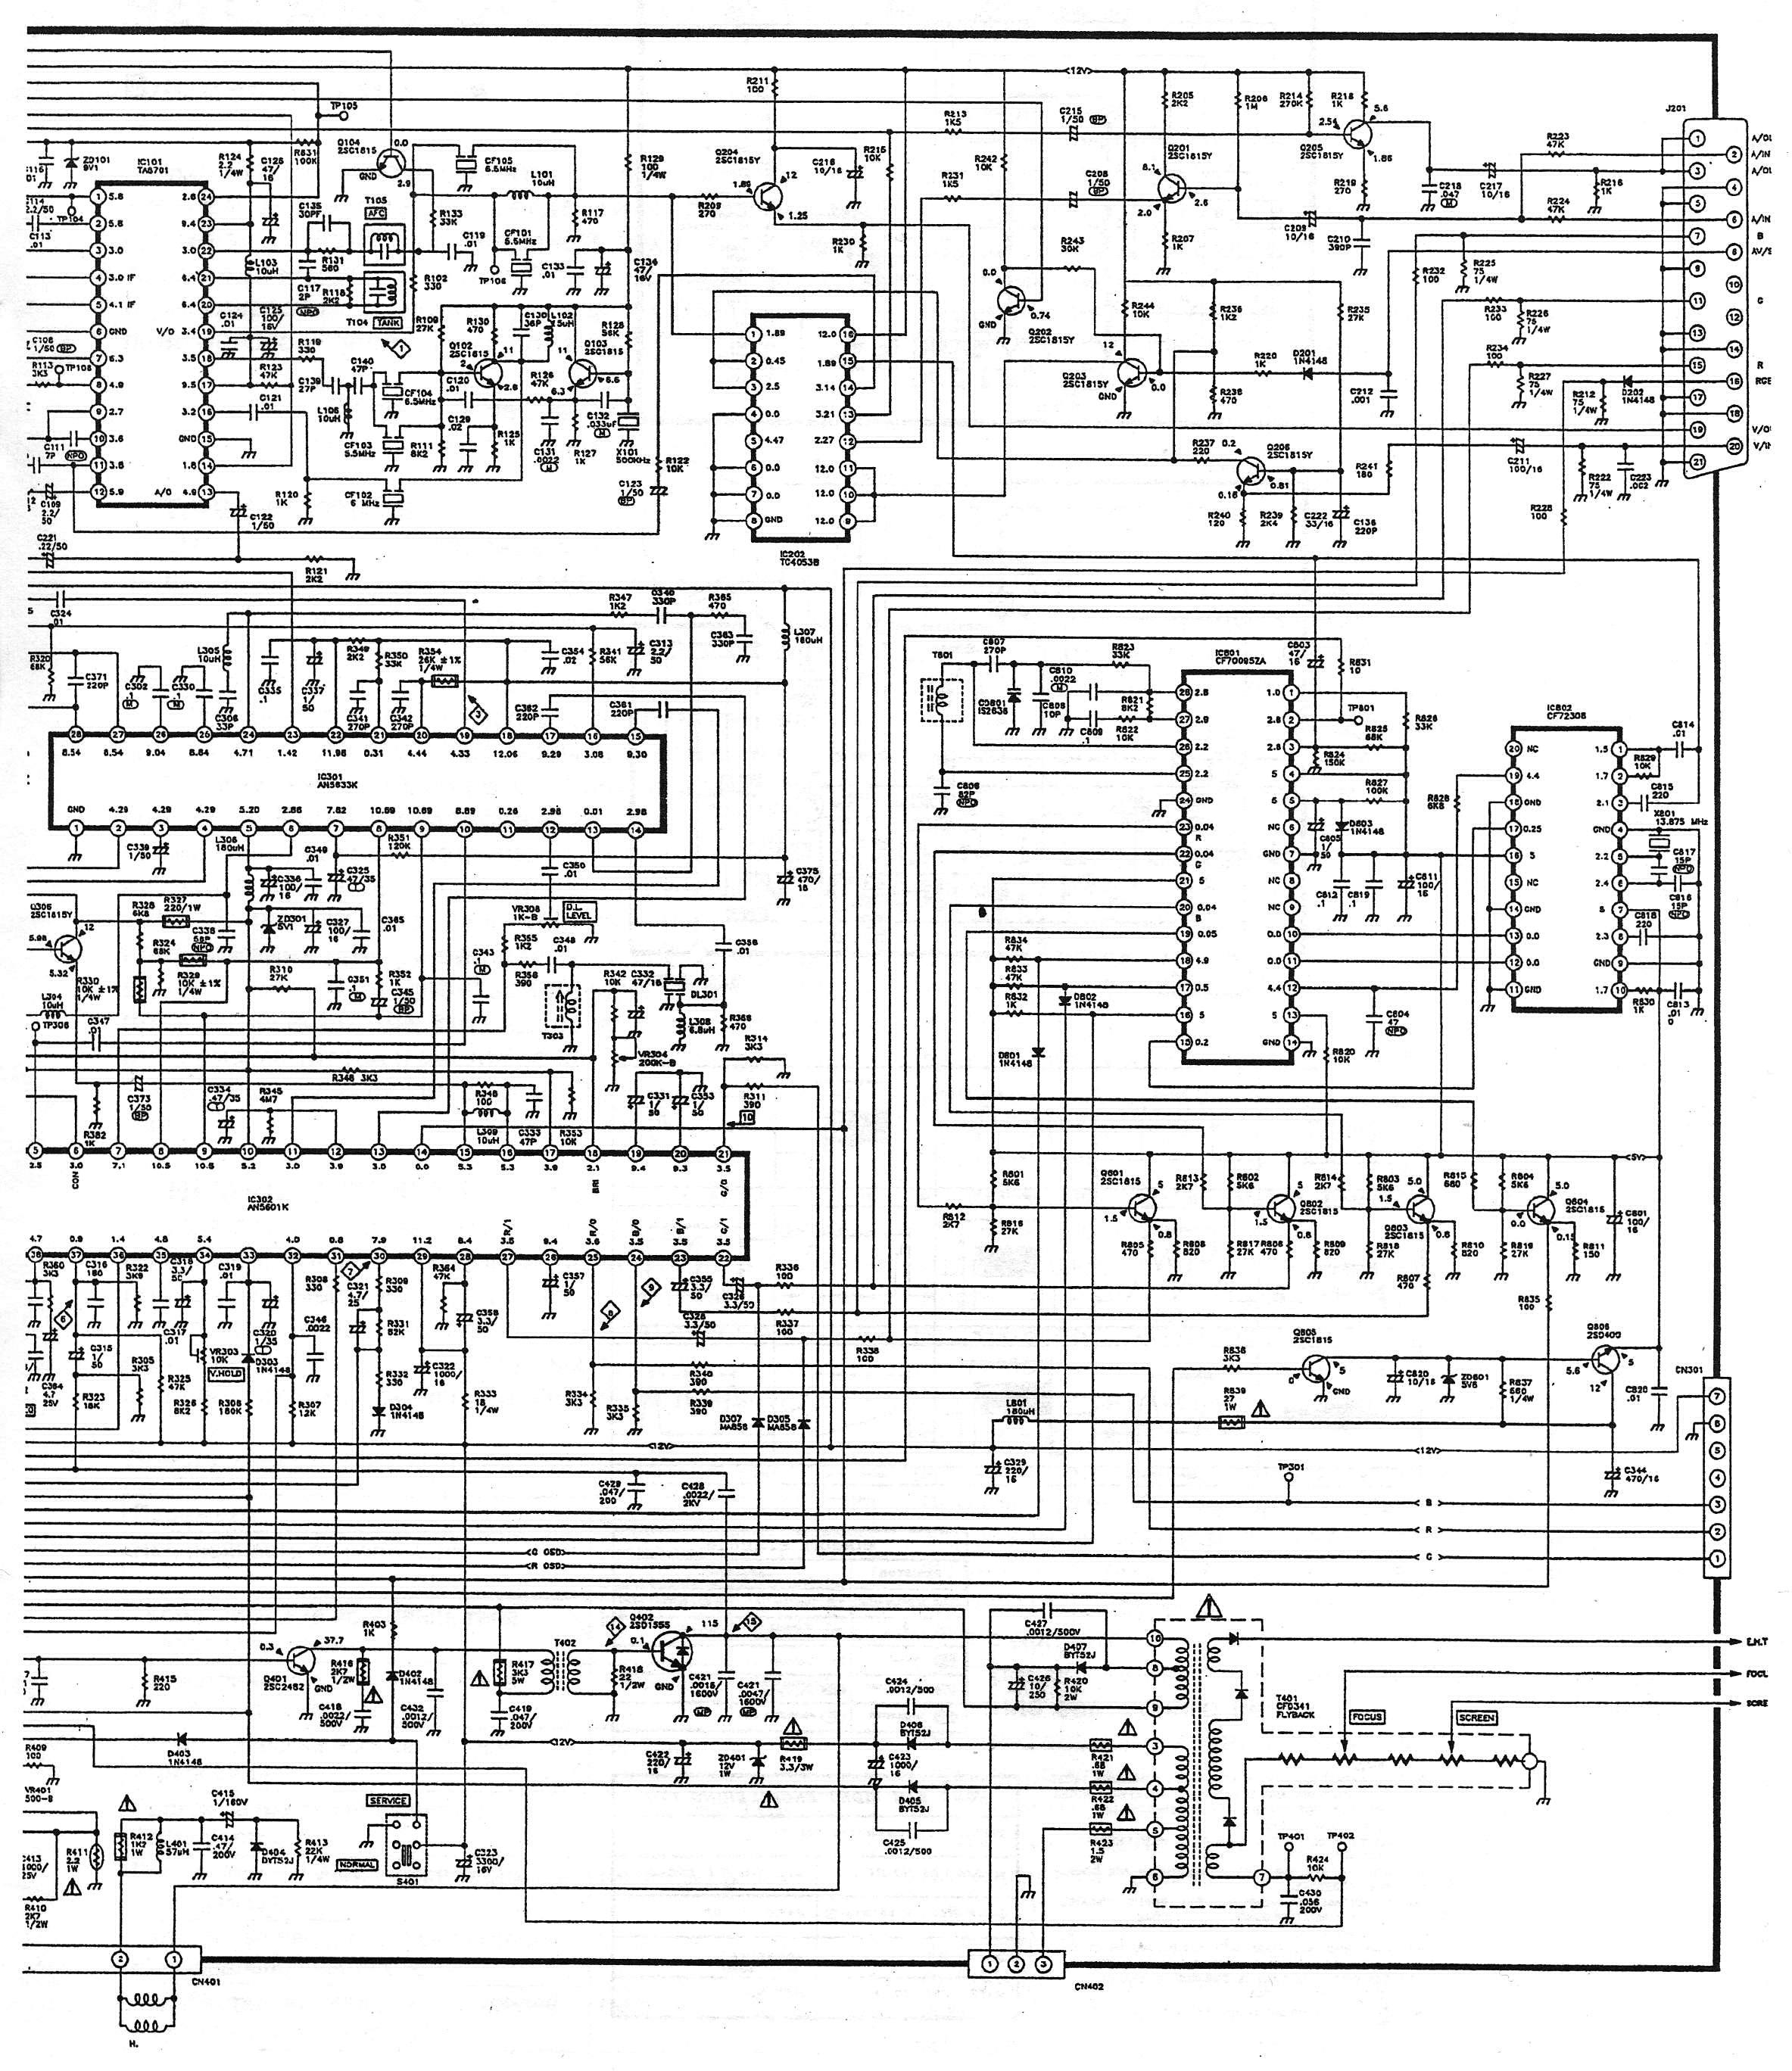 Схема akai lea 19s02p